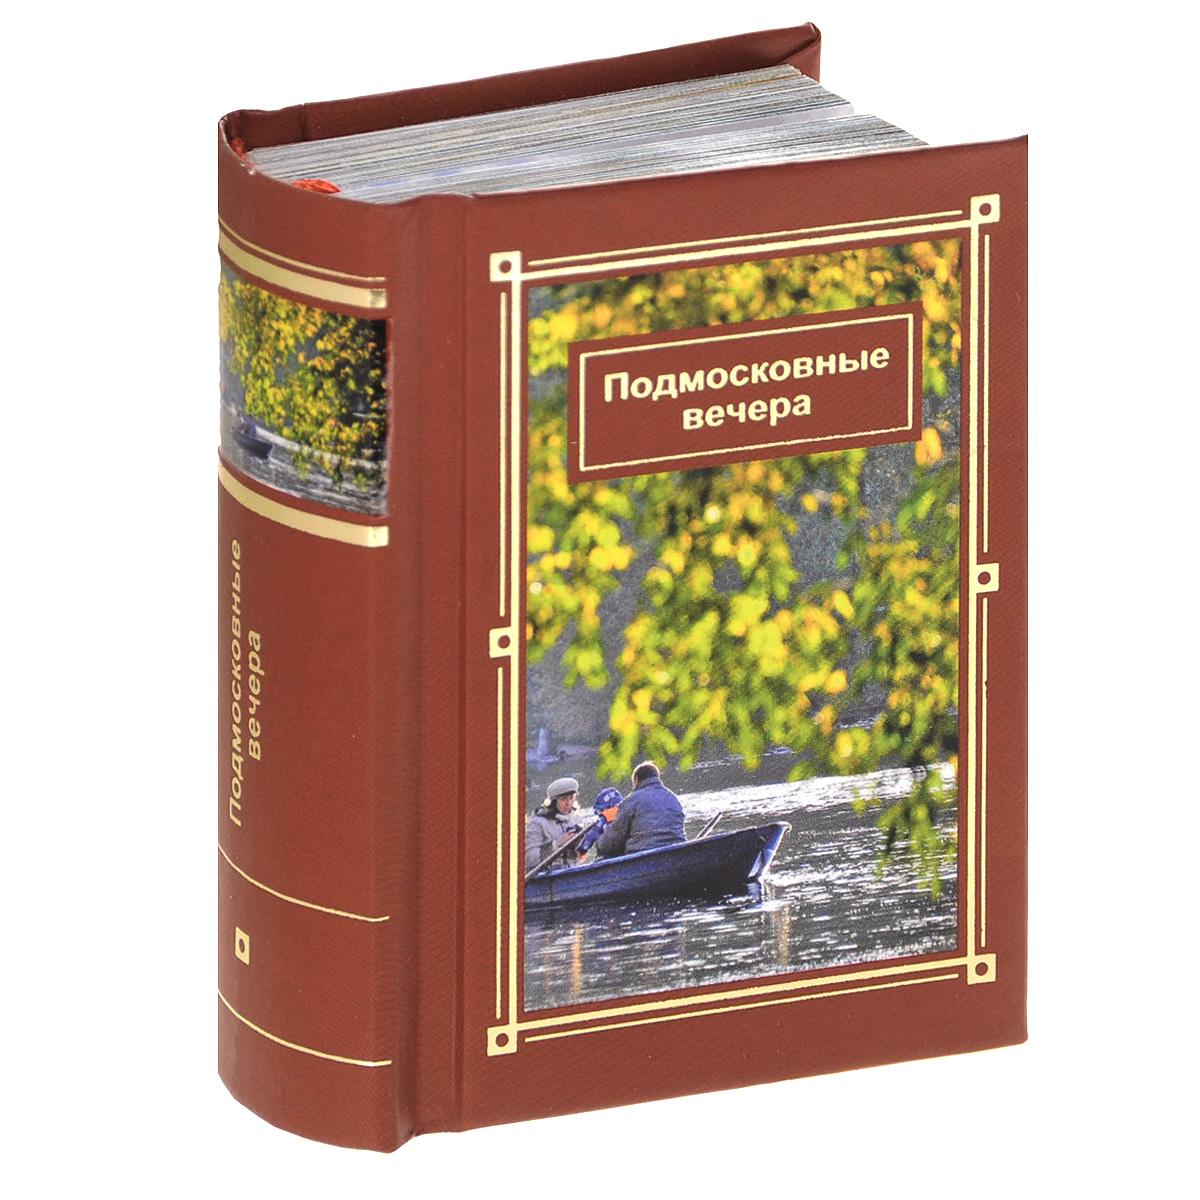 Подмосковные вечера (миниатюрное издание) ( 978-5-906356-12-3 )